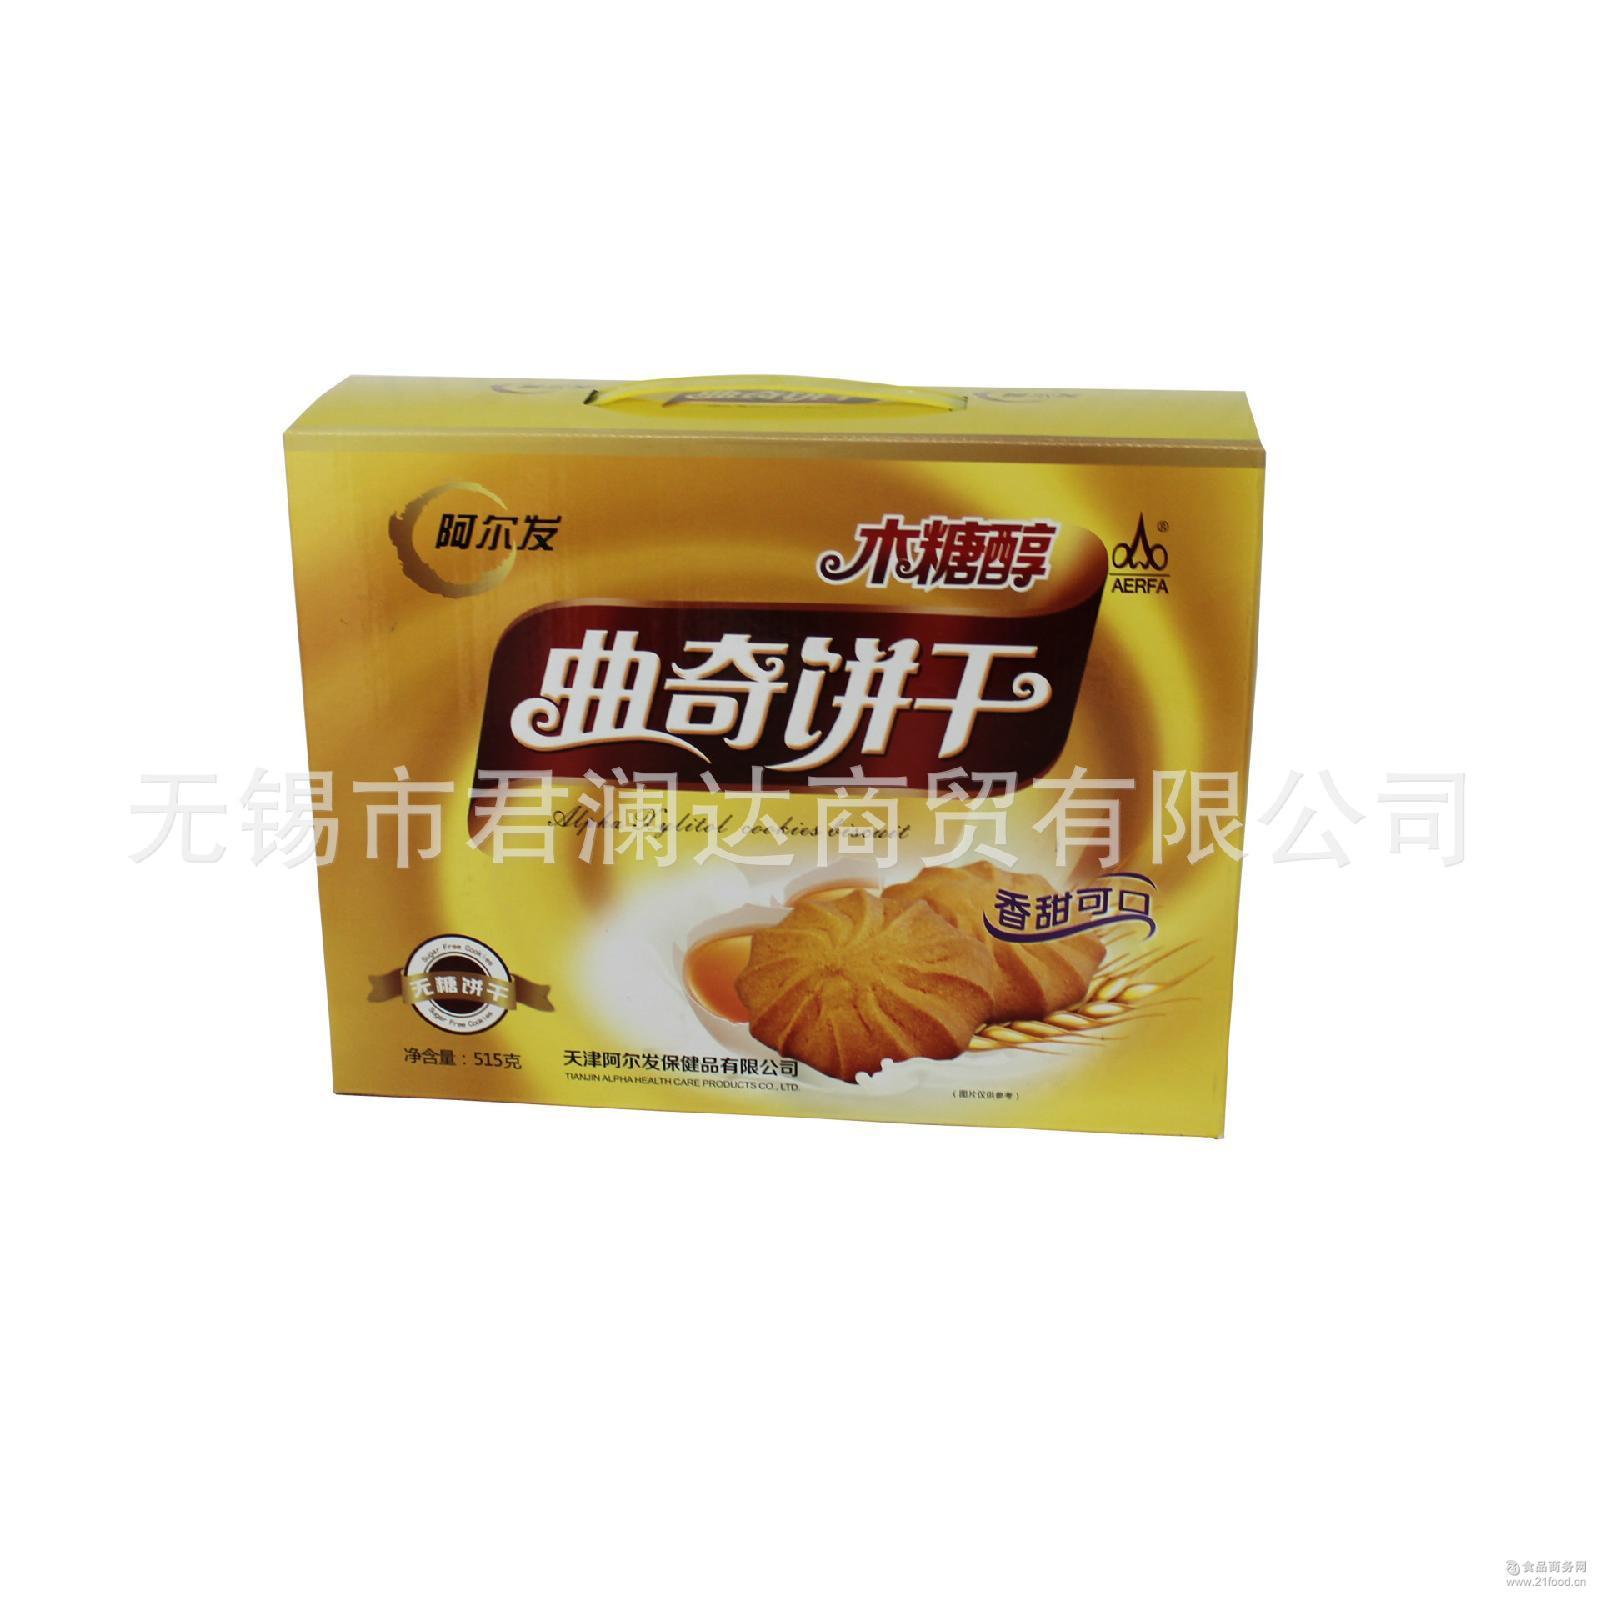 阿尔发515g曲奇饼干 糖尿病人蛋酥饼 木糖醇无糖食品